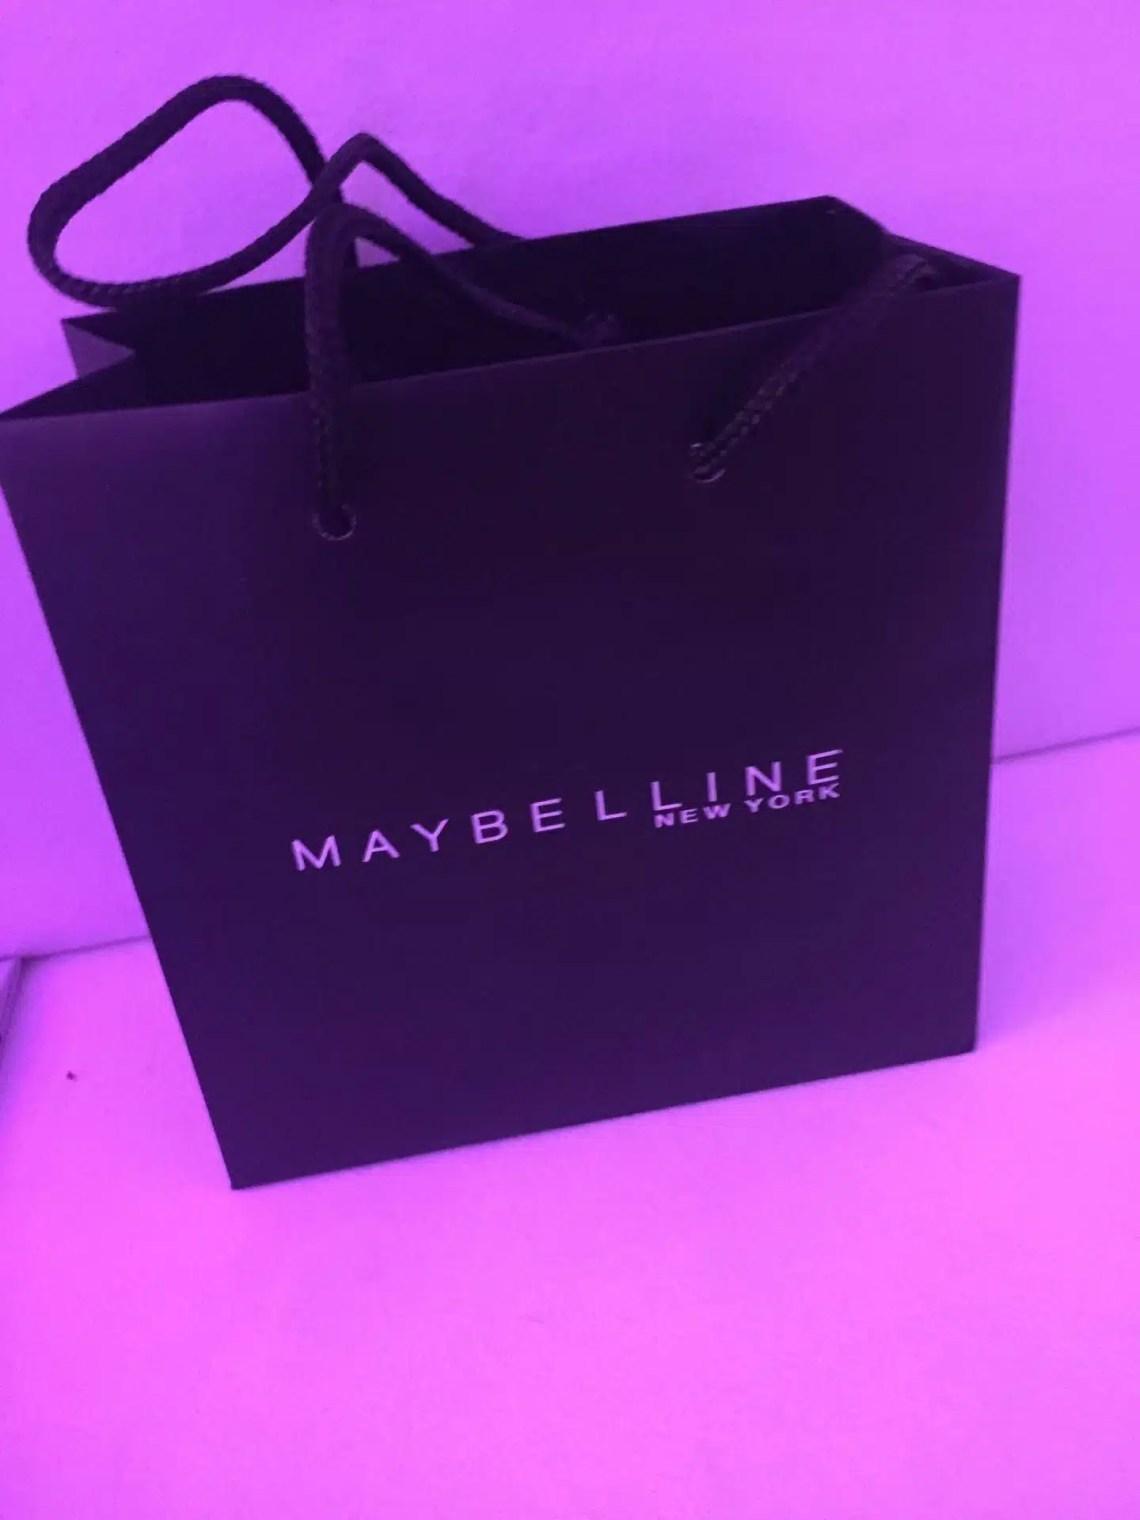 maybelline nyfw